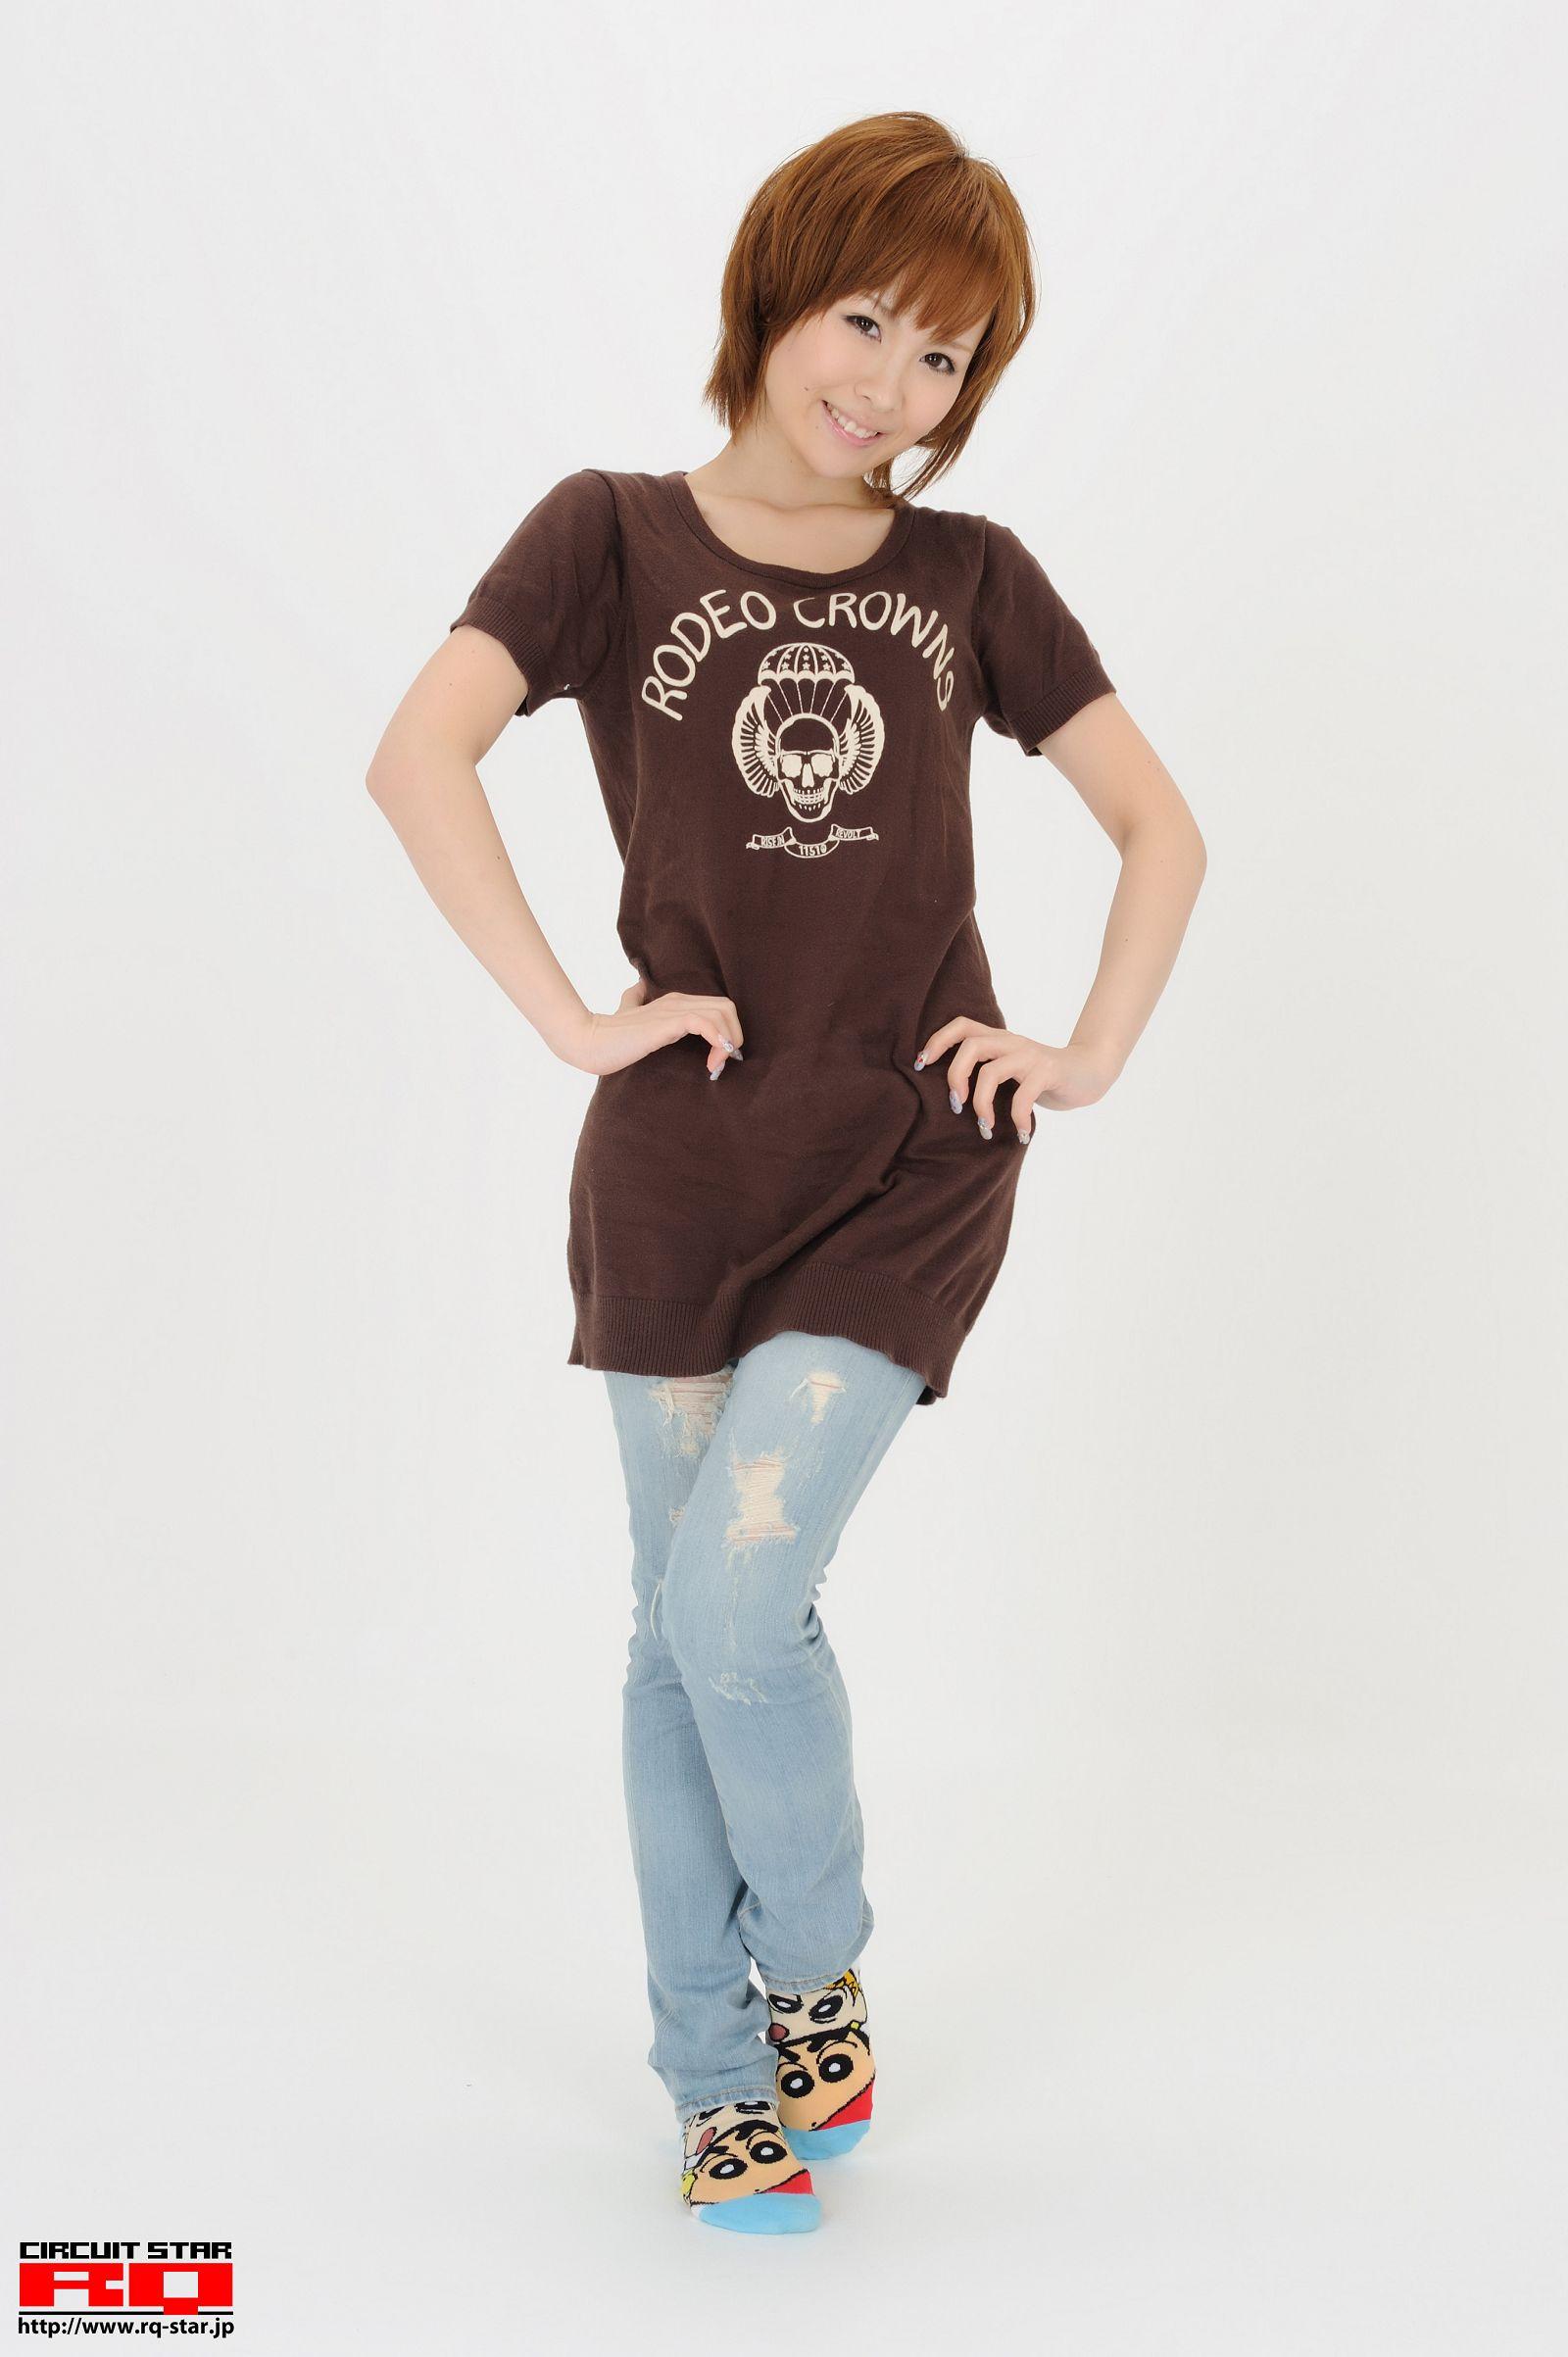 [RQ STAR美女] NO.00480 Sayu Kuramochi 倉持さゆ Private Dress[95P] RQ STAR 第2张